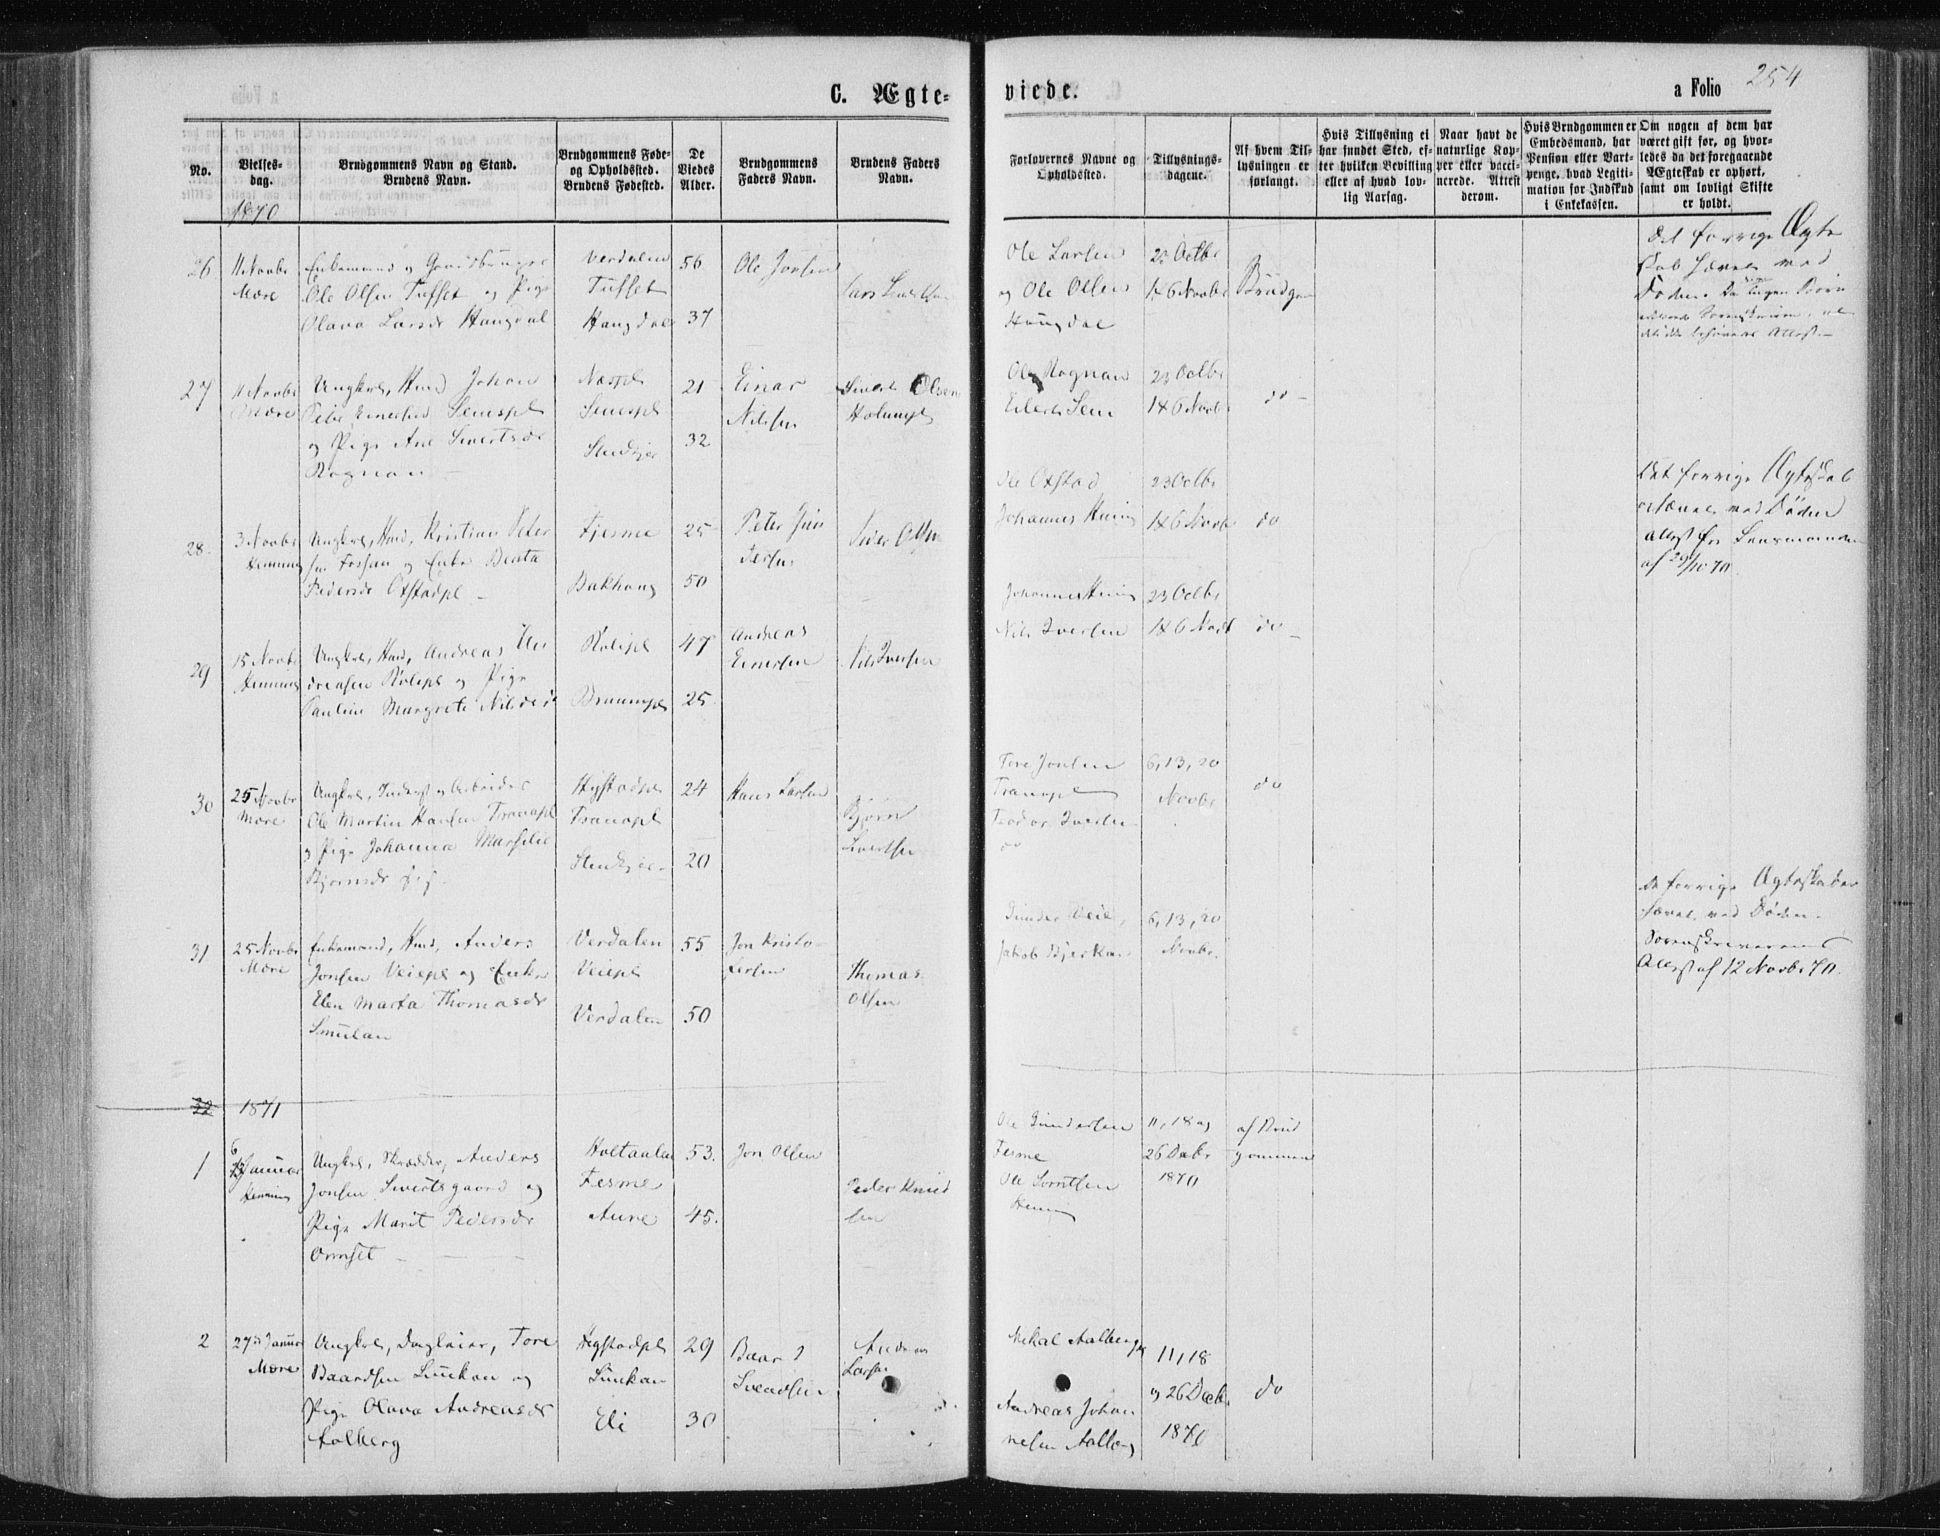 SAT, Ministerialprotokoller, klokkerbøker og fødselsregistre - Nord-Trøndelag, 735/L0345: Ministerialbok nr. 735A08 /1, 1863-1872, s. 254